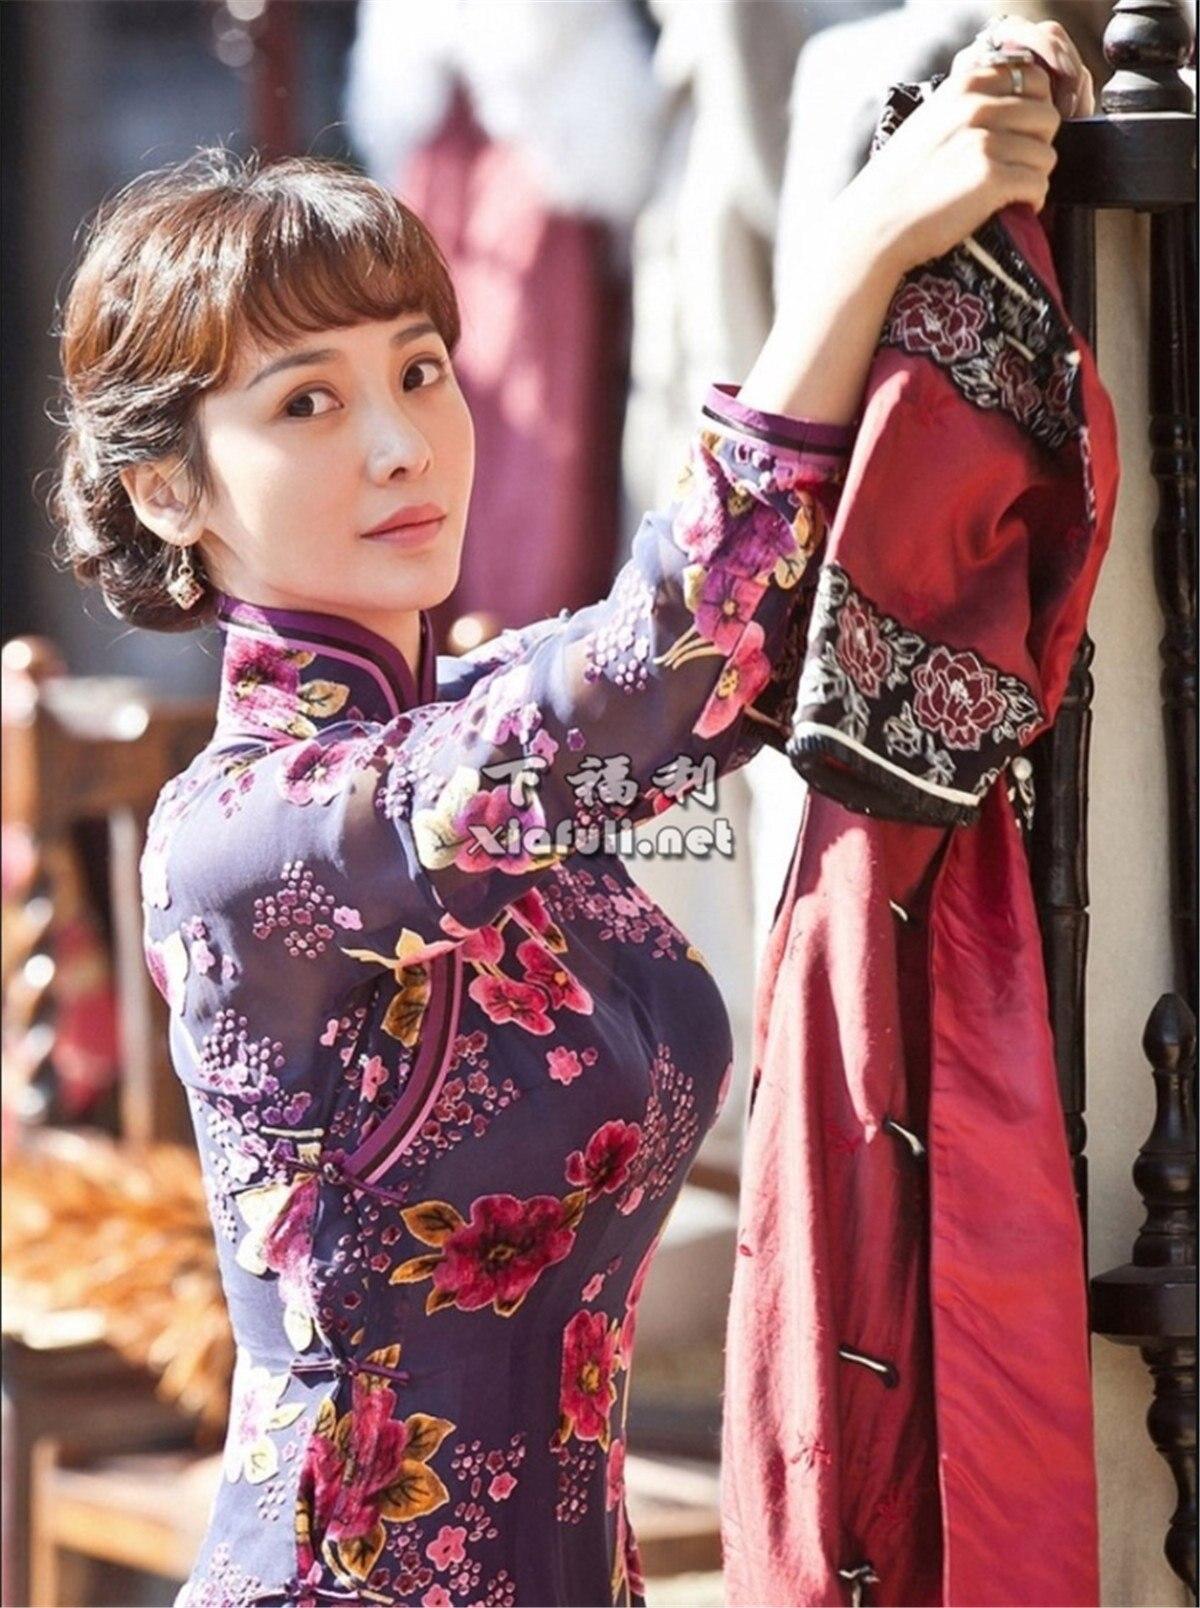 当娱乐圈女星穿上旗袍,你觉得谁最好看 ?插图16